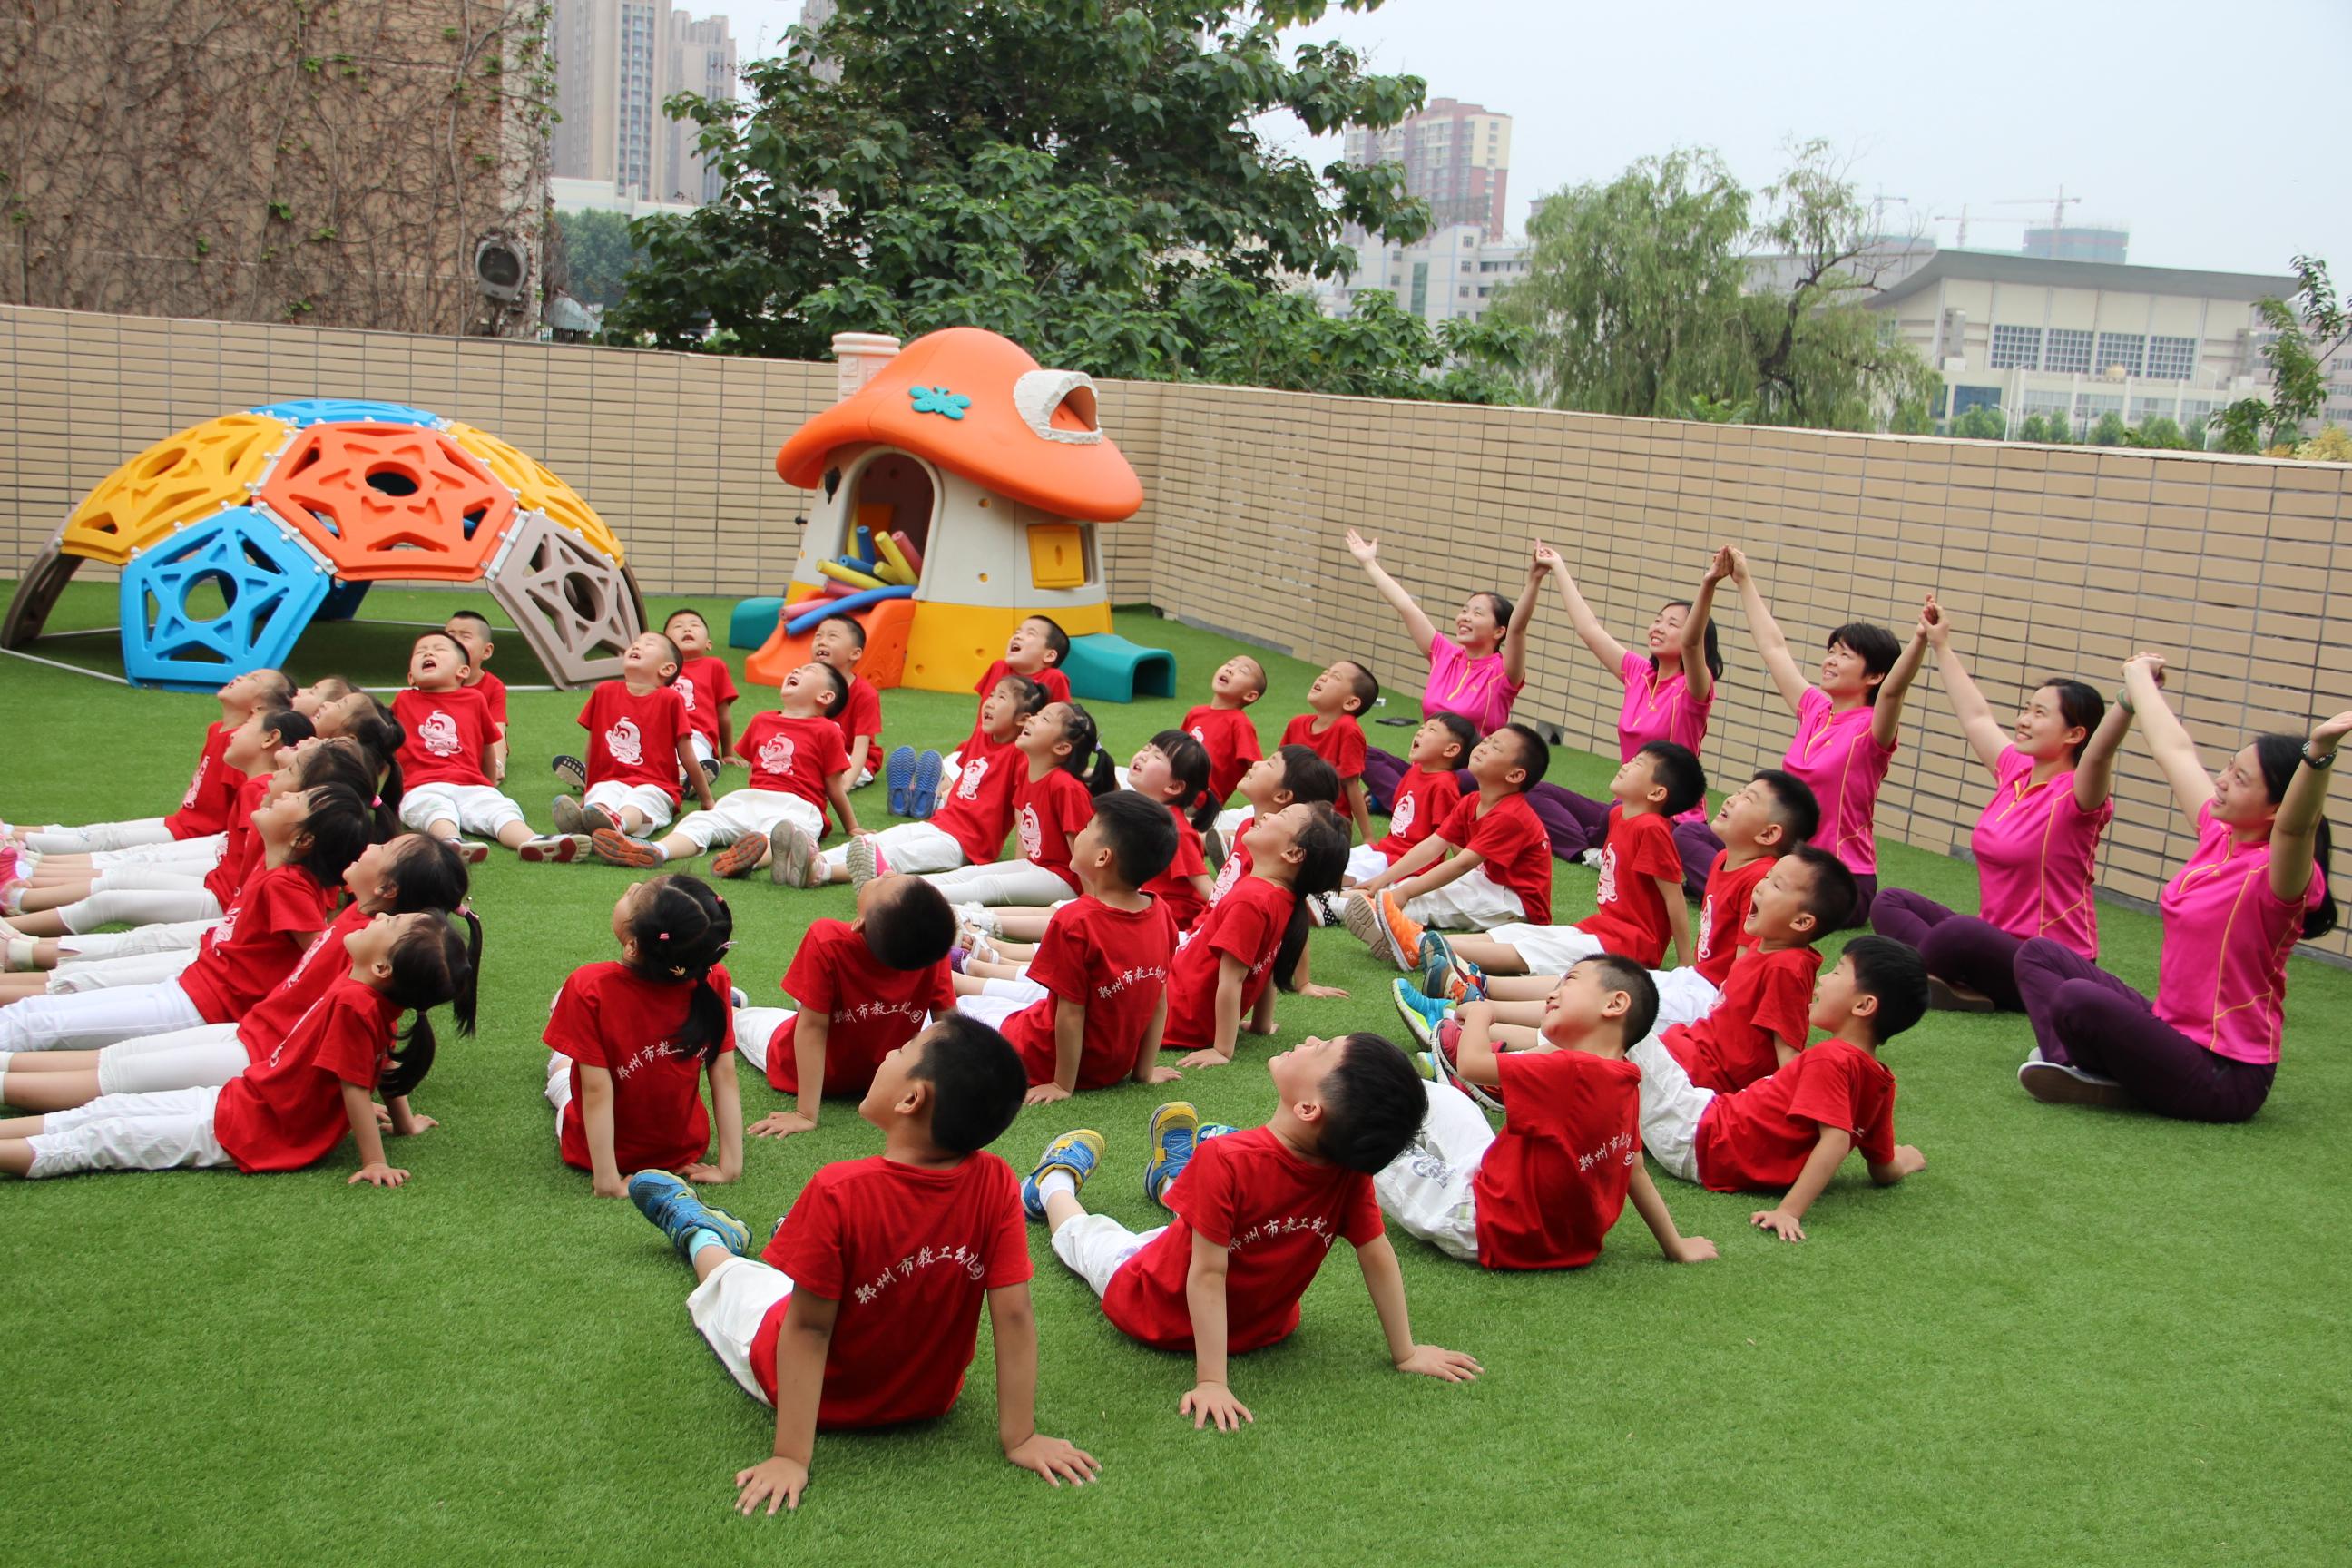 市教工幼儿园拍摄创意毕业照 记录孩子快乐童年图片